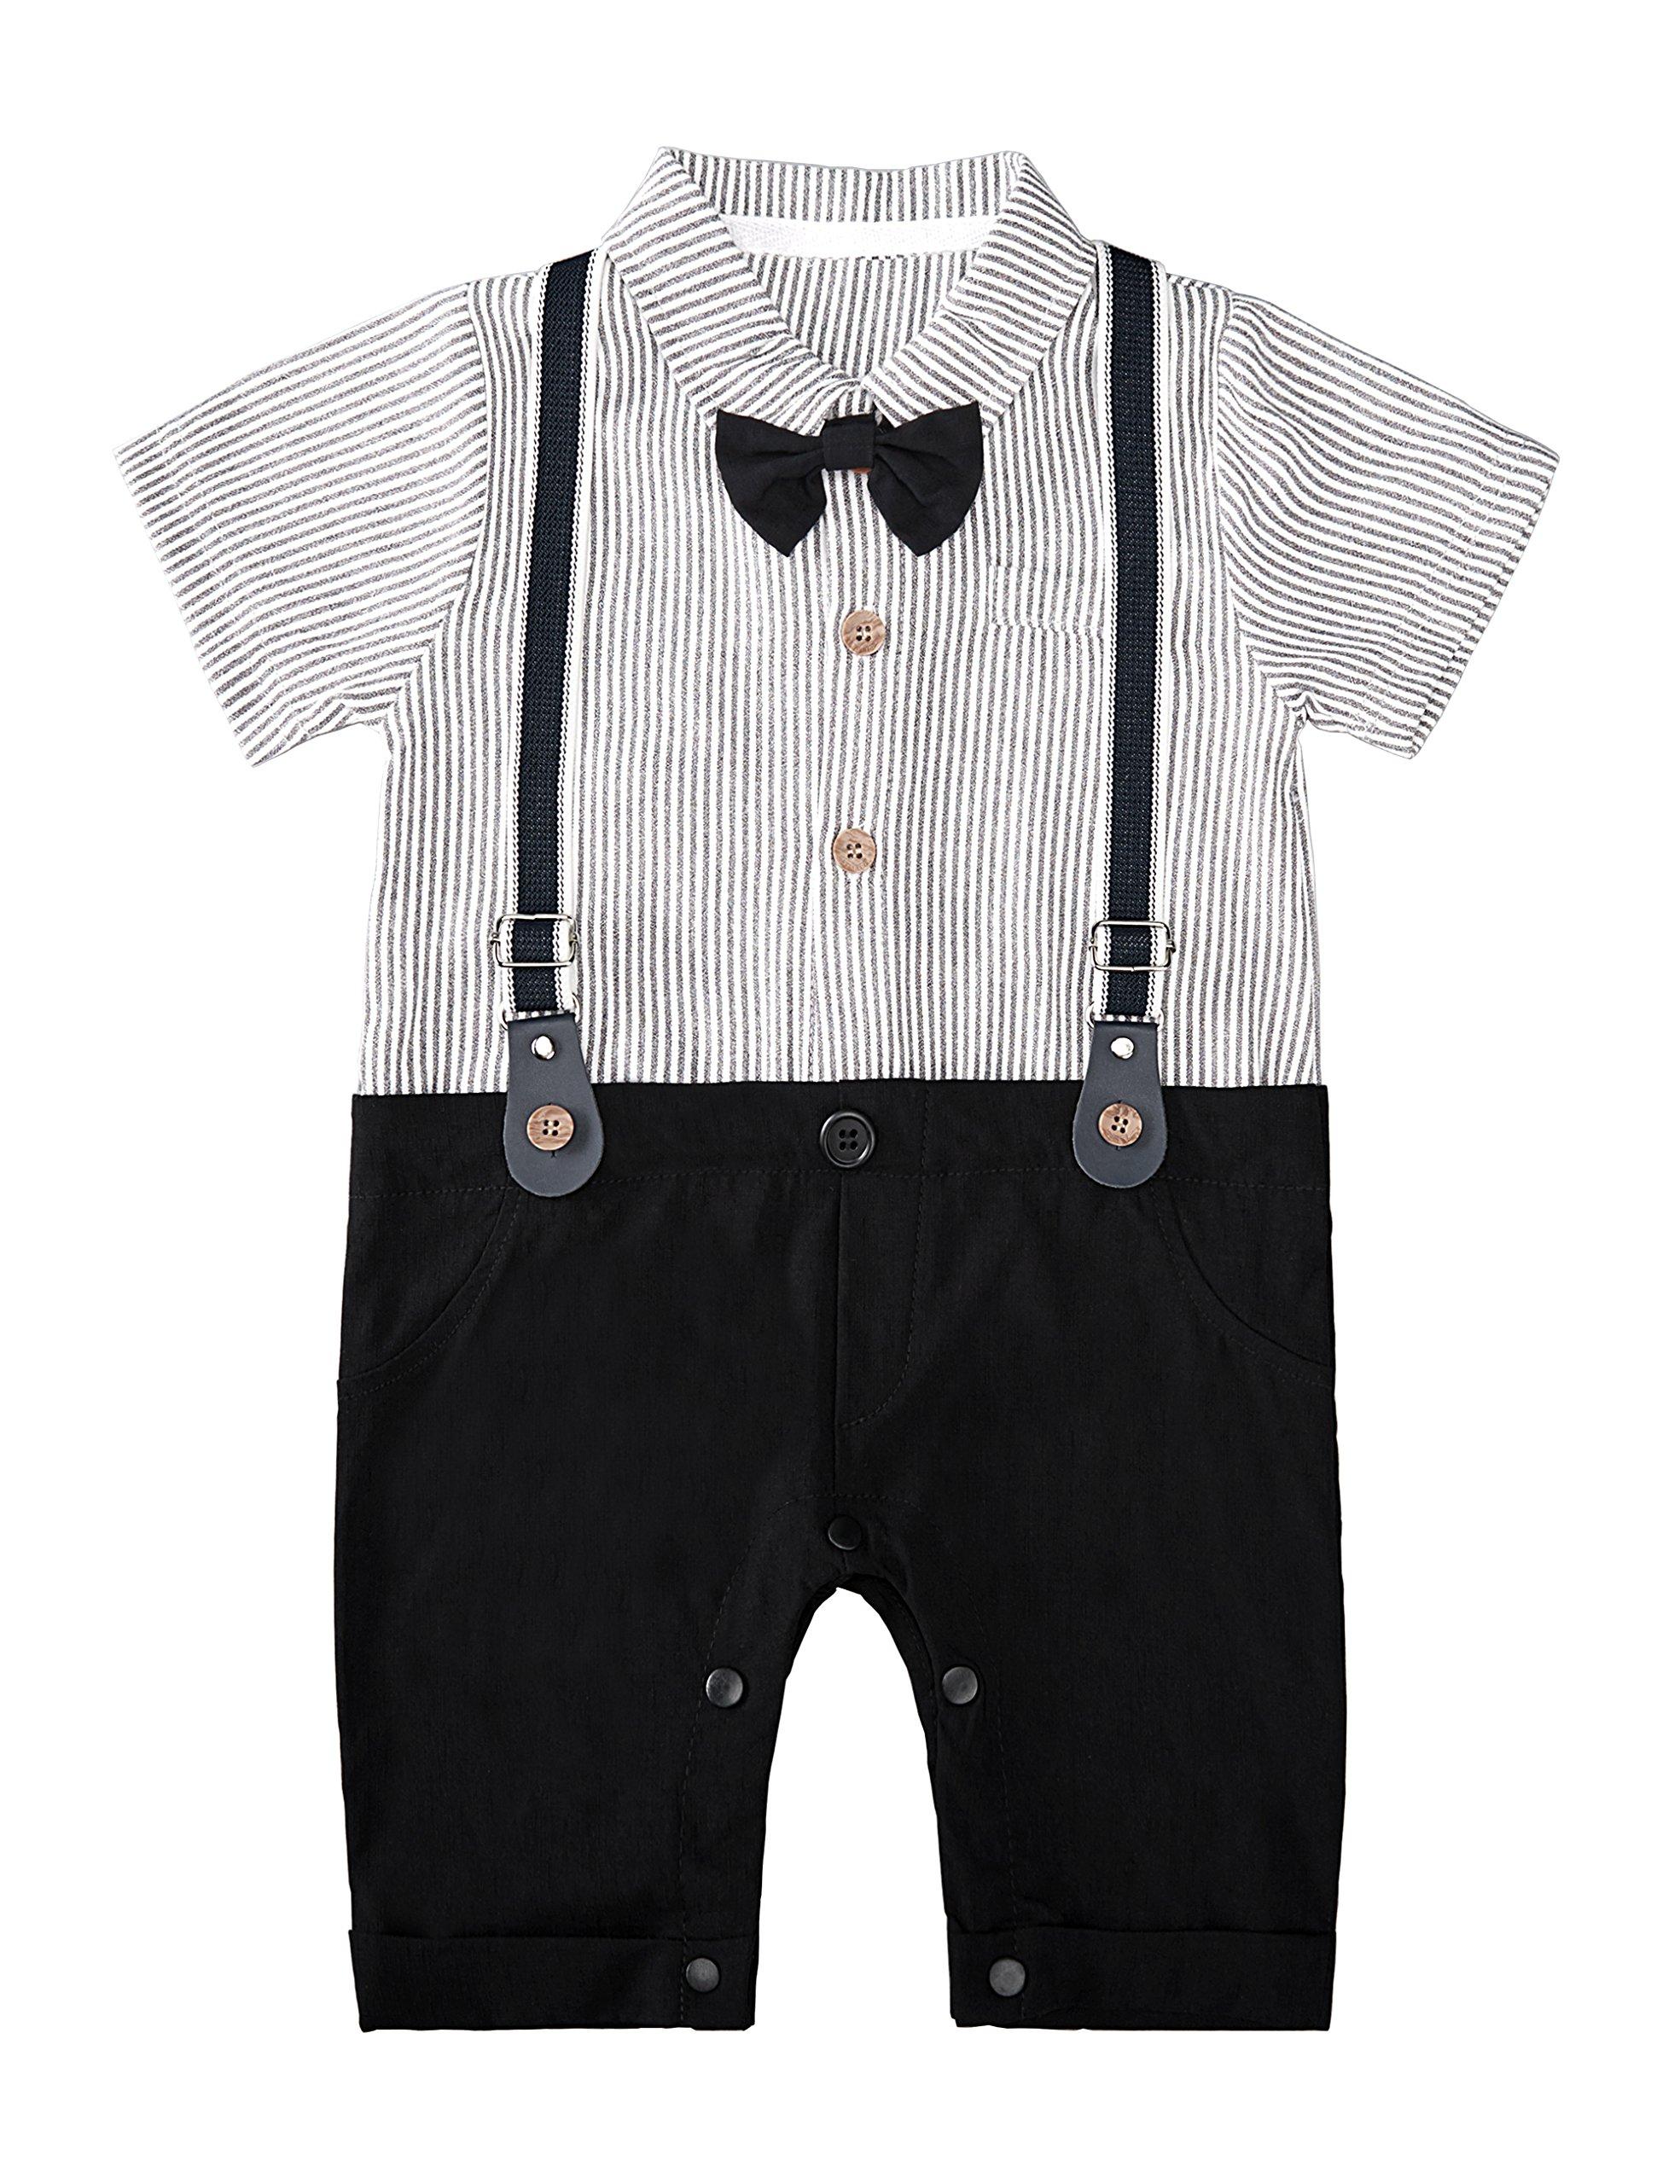 HeMa Island HMD Baby Boy Gentleman Black Stripe Shirt Bowtie Tuxedo Onesie Jumpsuit Overall Romper(0-18M) (Black, 60 (0-3 Months))